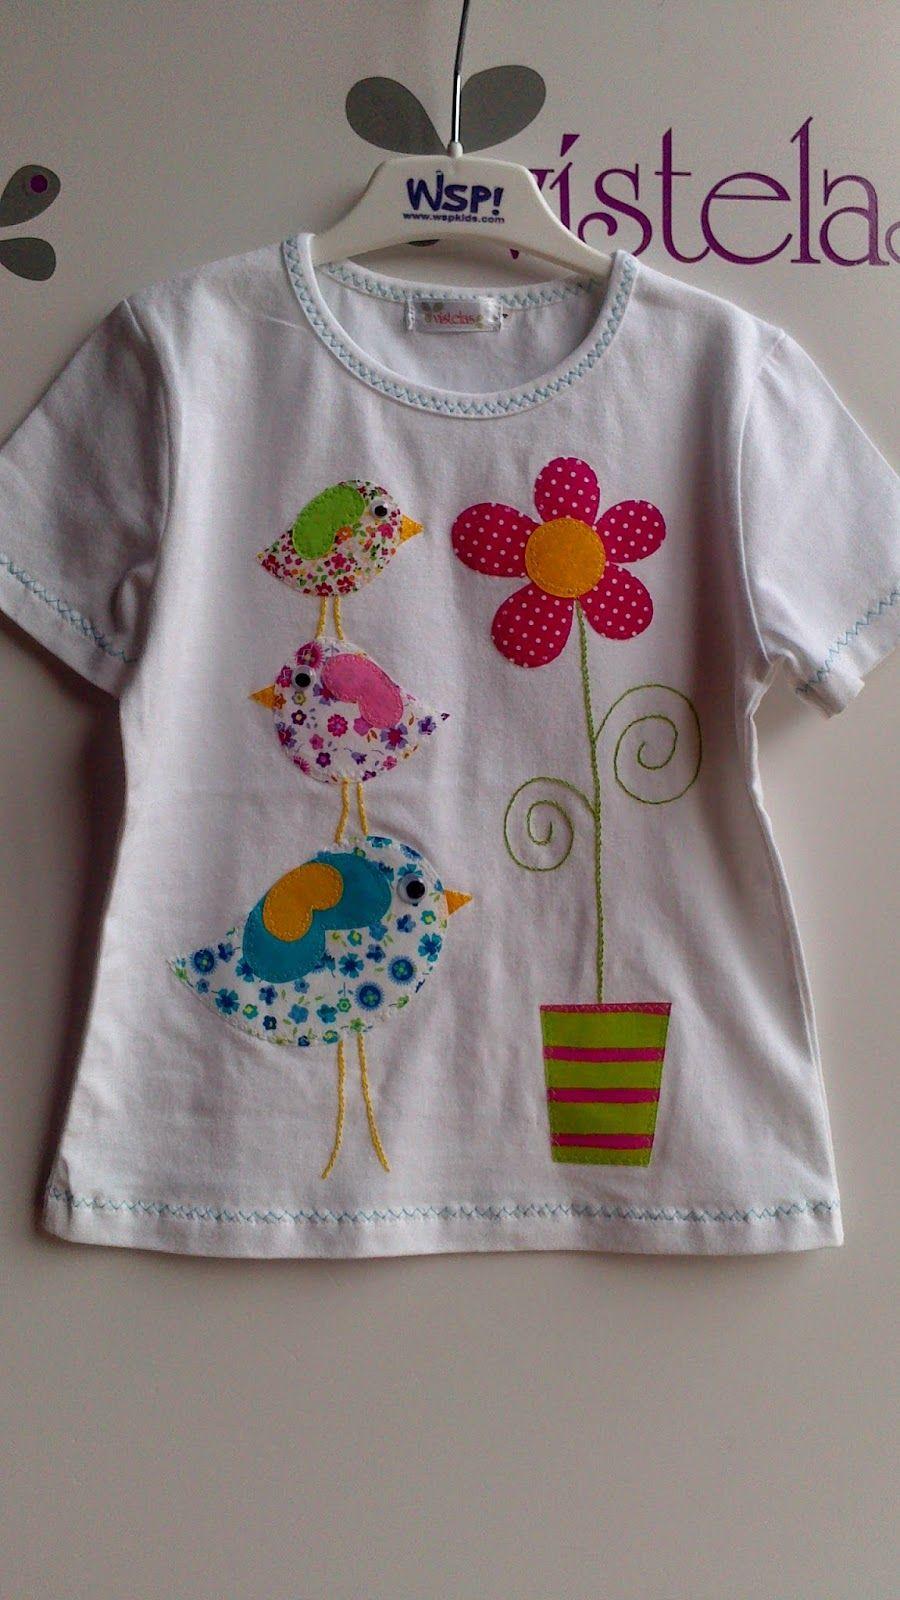 Dsc_0711 Jpg 900 1600 Apliques Pinterest Las Modelos Los  ~ Ideas Para Decorar Camisetas Infantiles